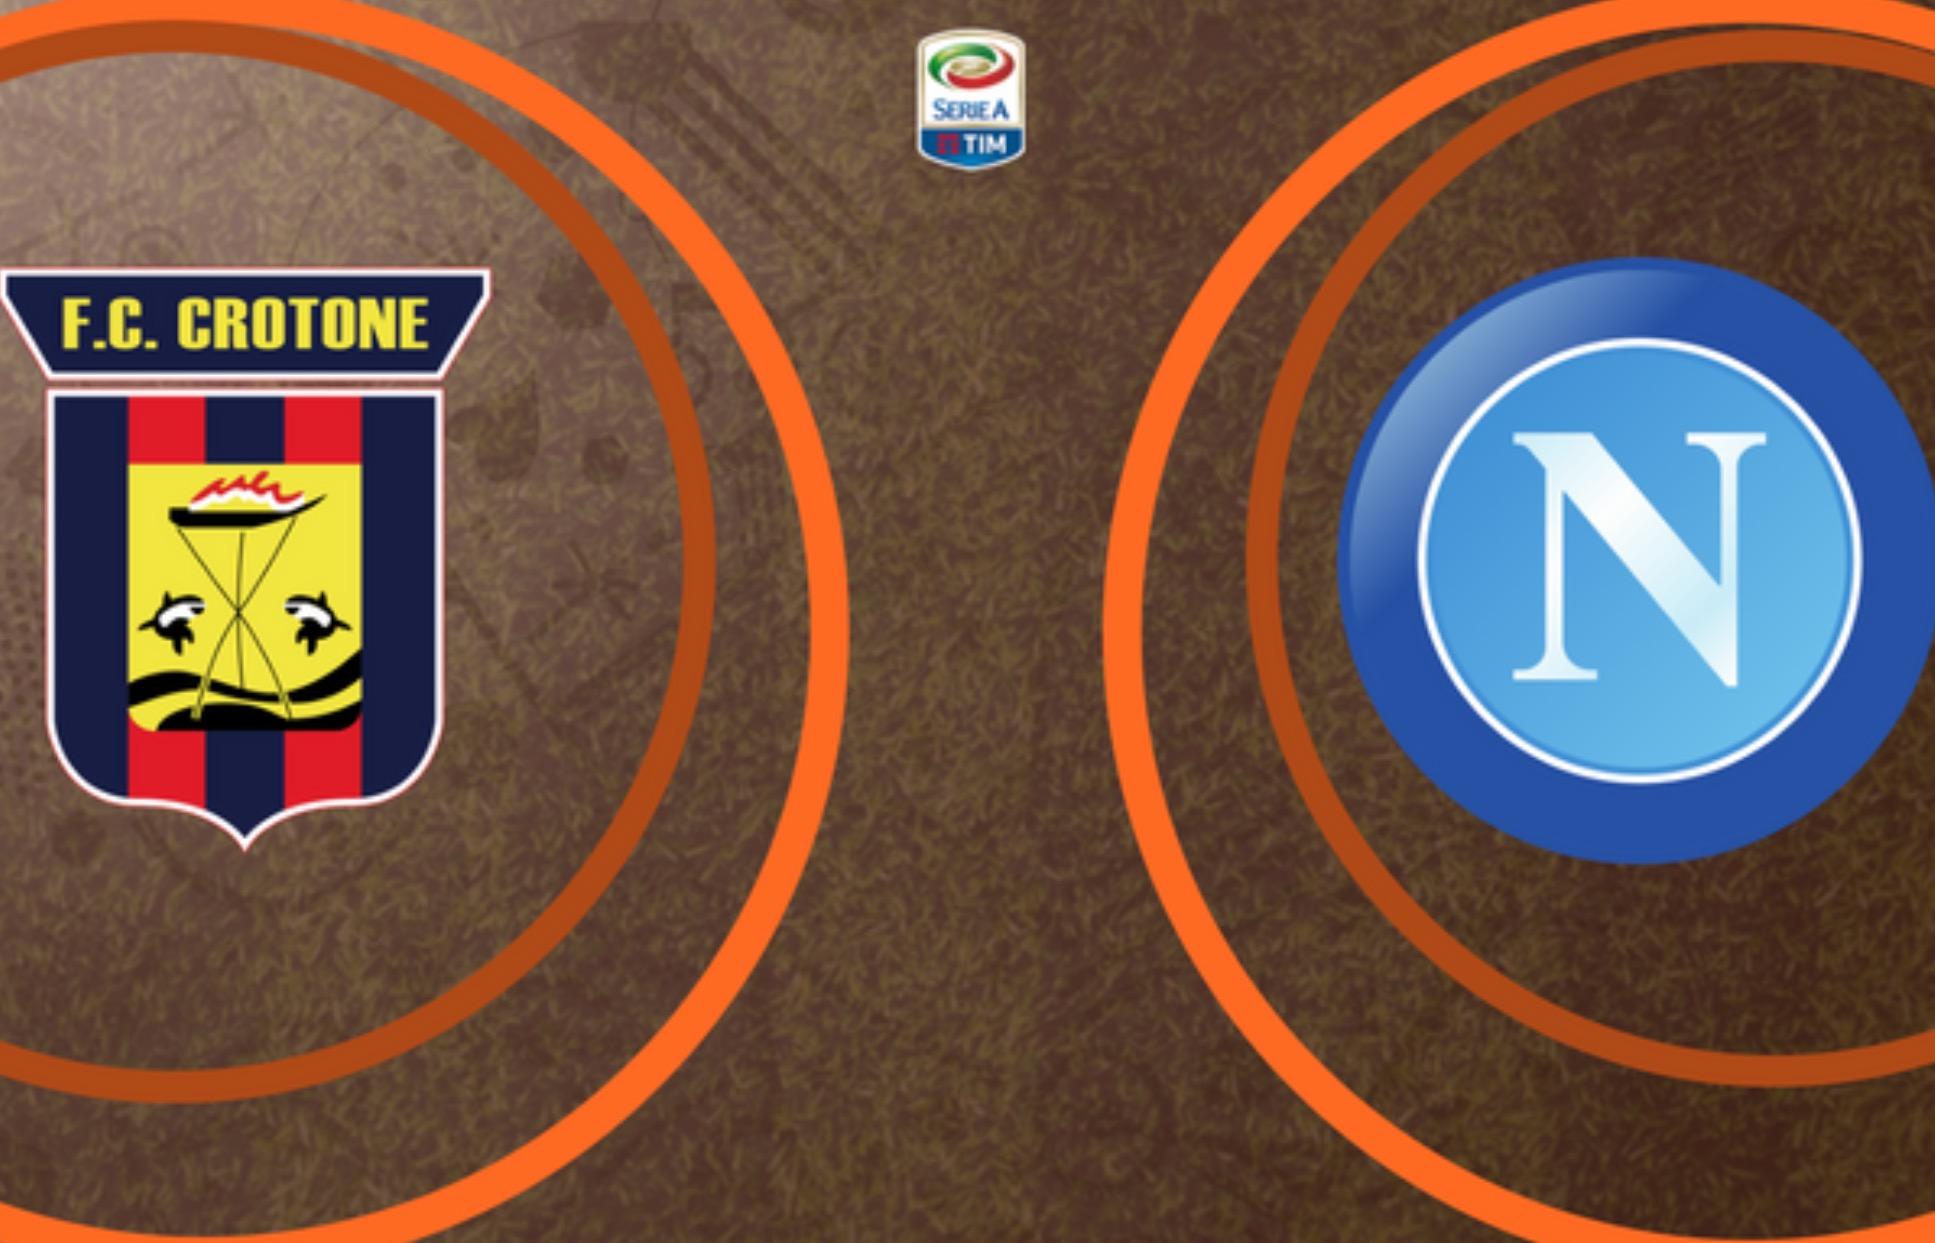 Кротоне – Наполи. Прогноз матча чемпионата Италии